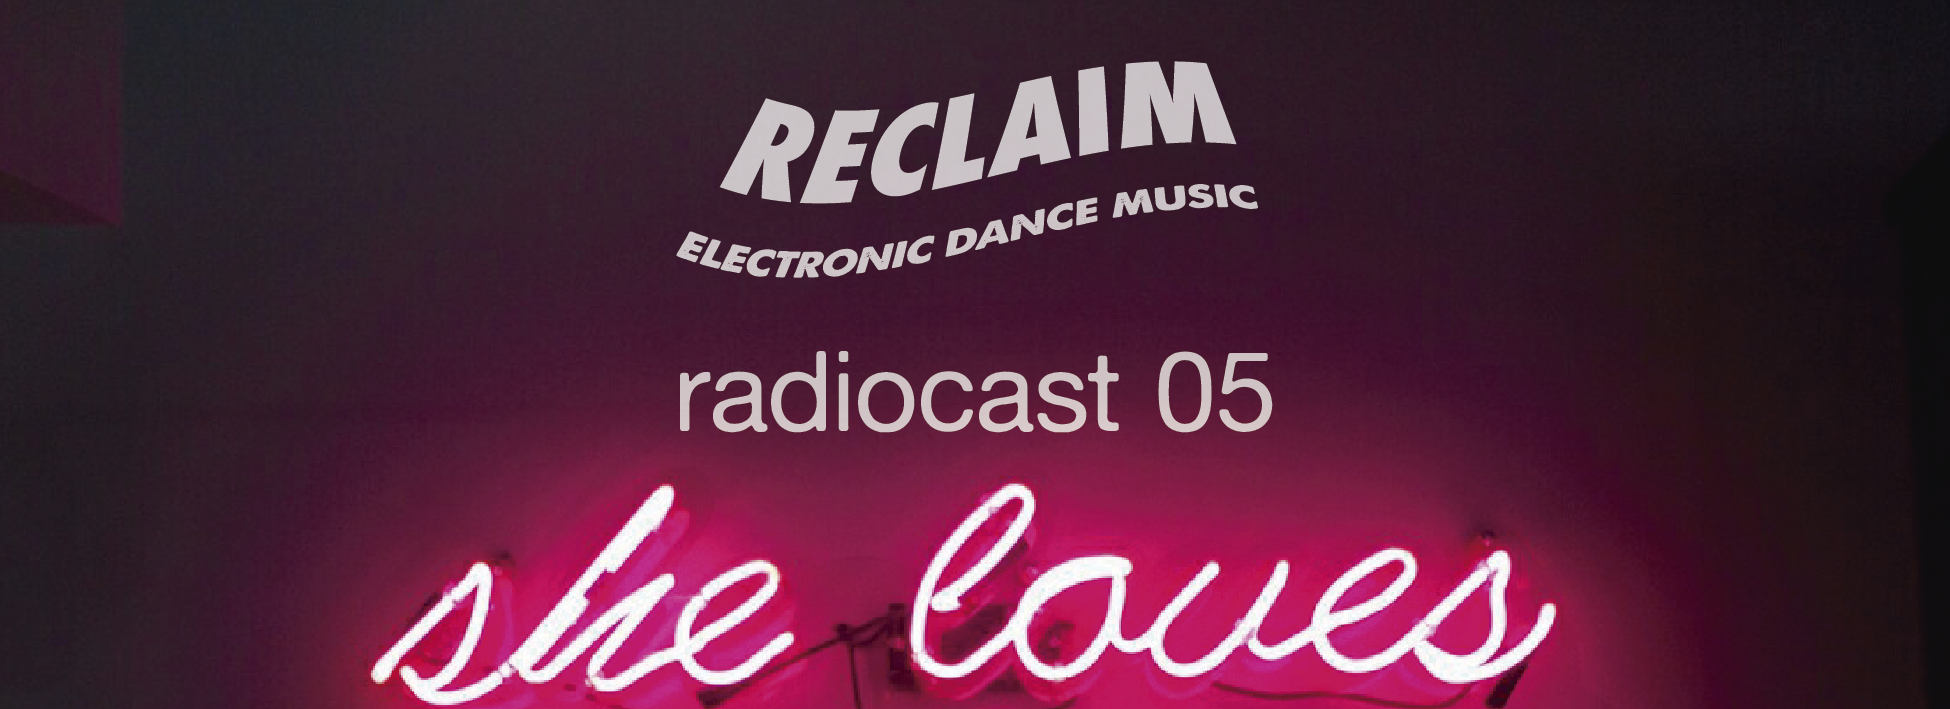 #ReclaimEDM Radiocast 05